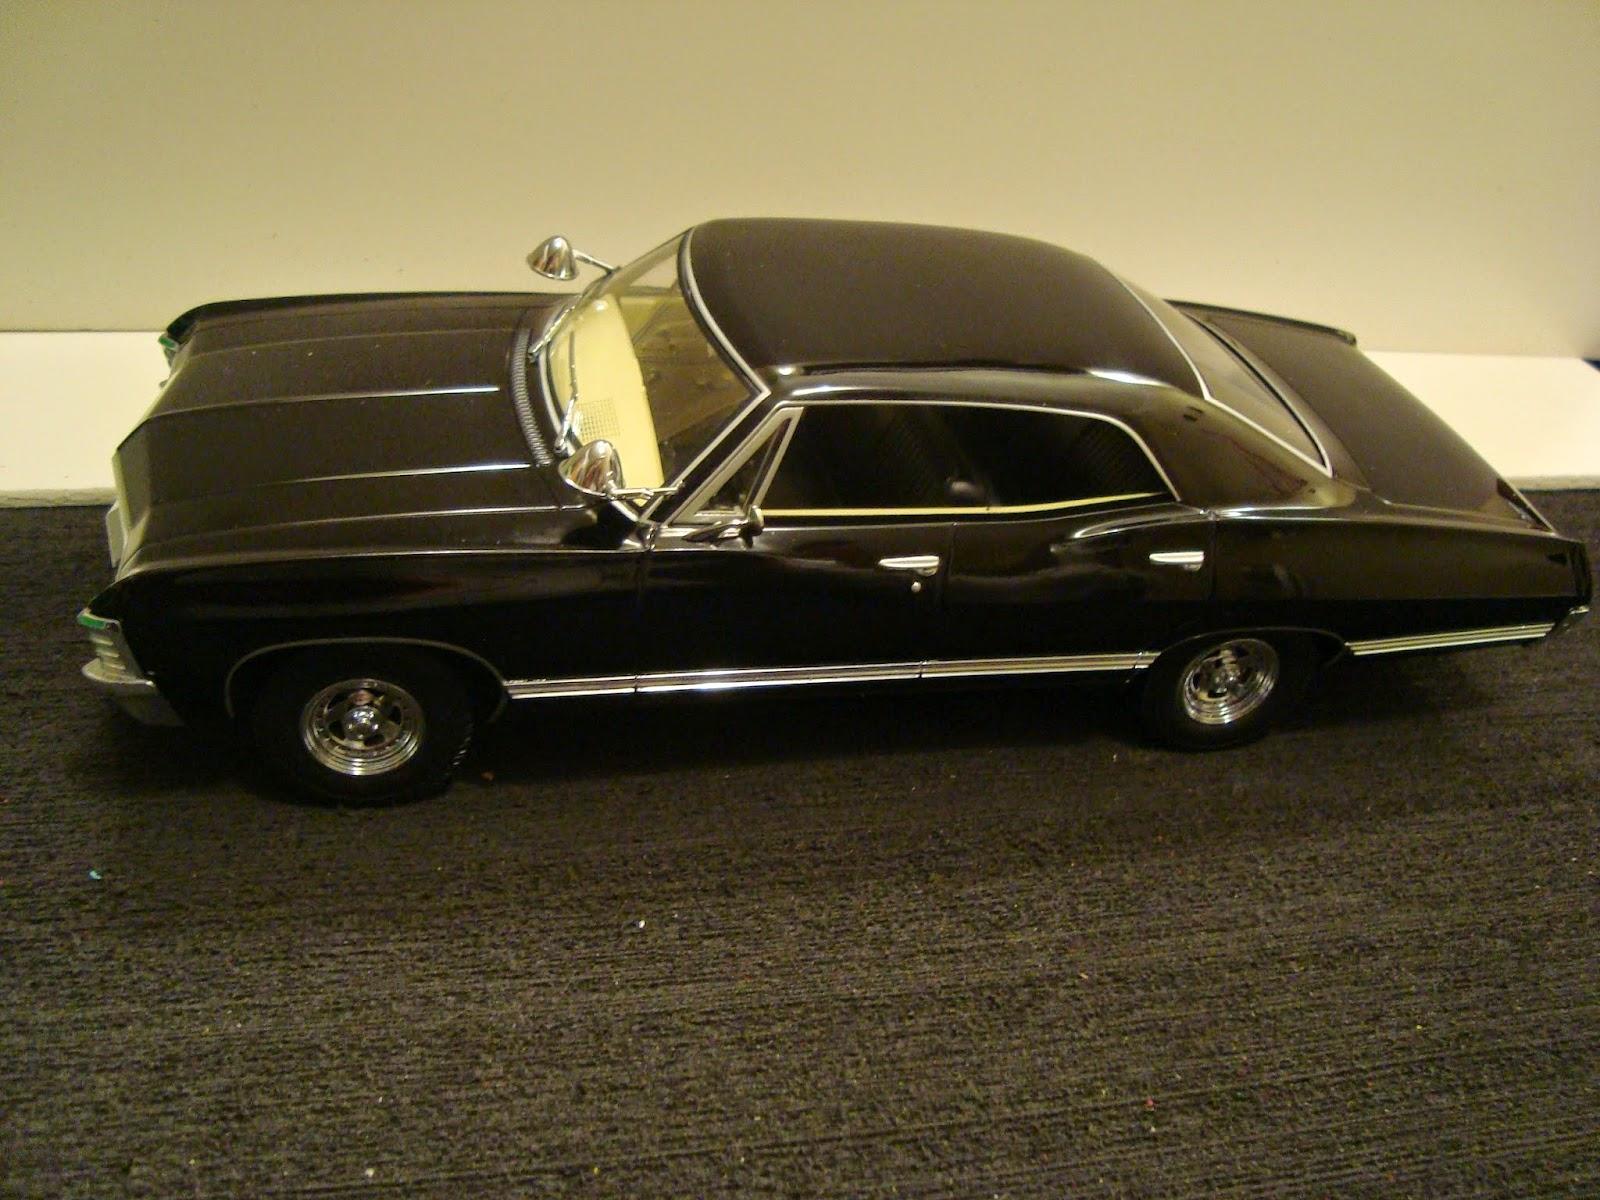 medium resolution of 1967 chevrolet impala ss